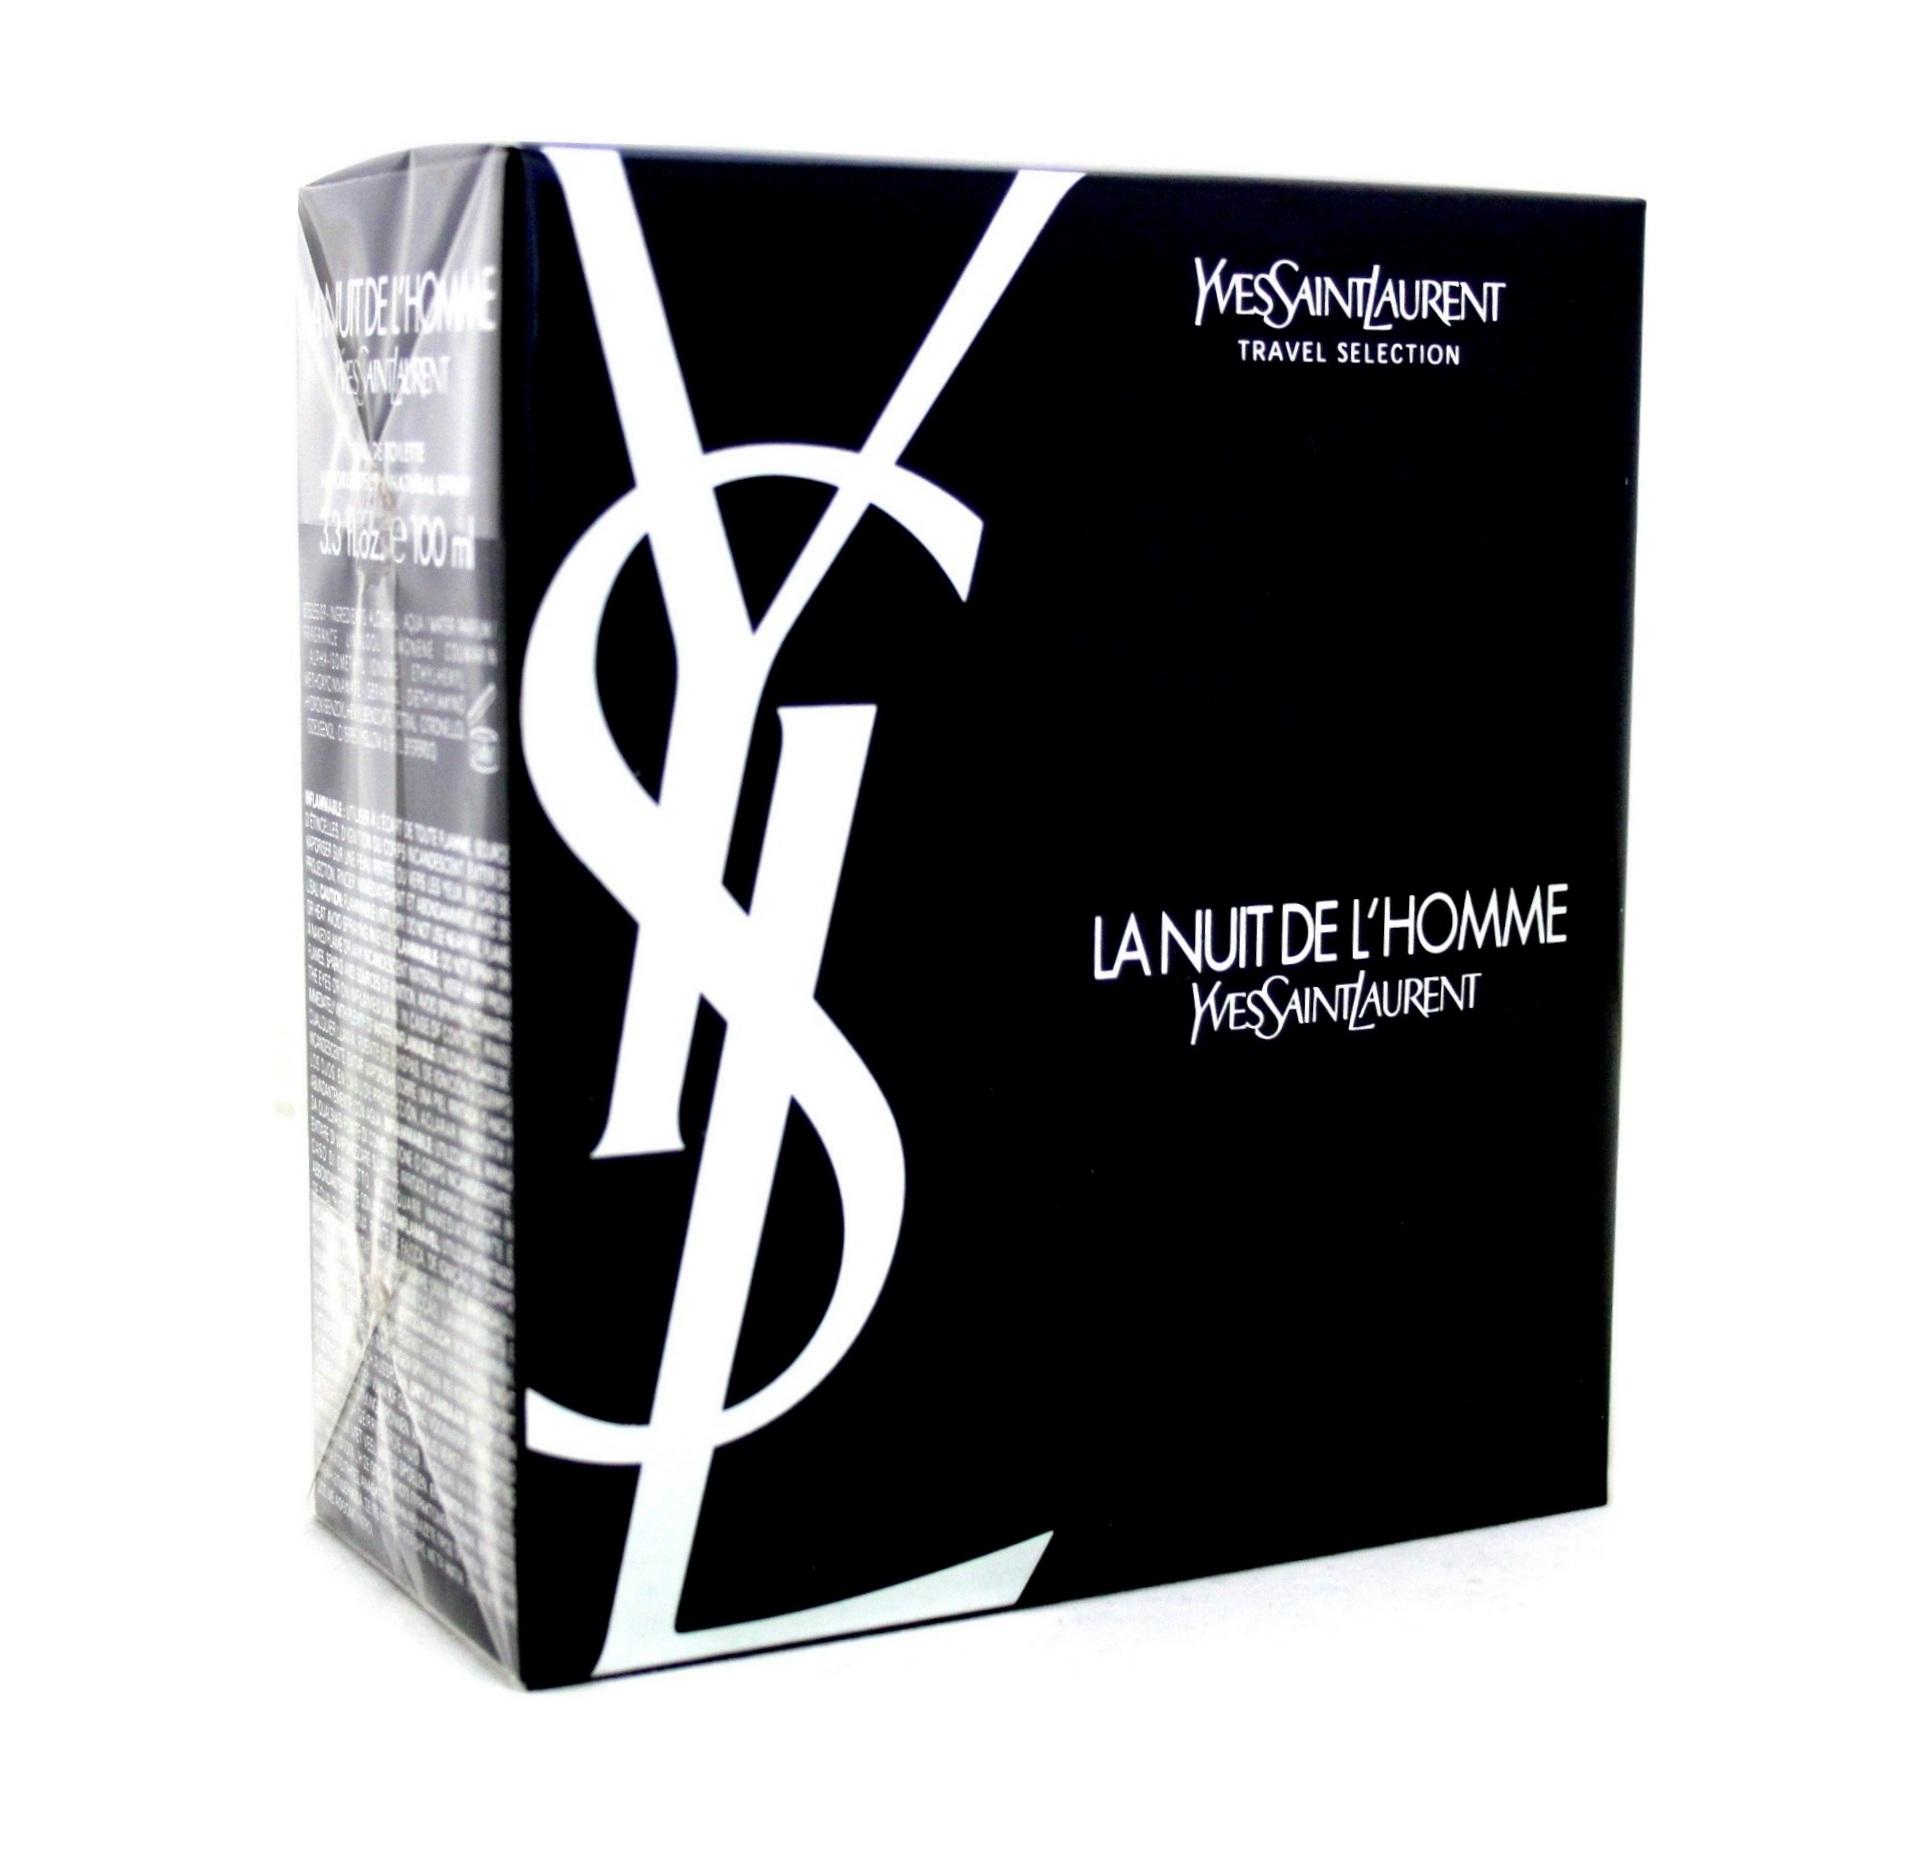 Yves Saint Laurent La Nuit De L Homme Gift Set